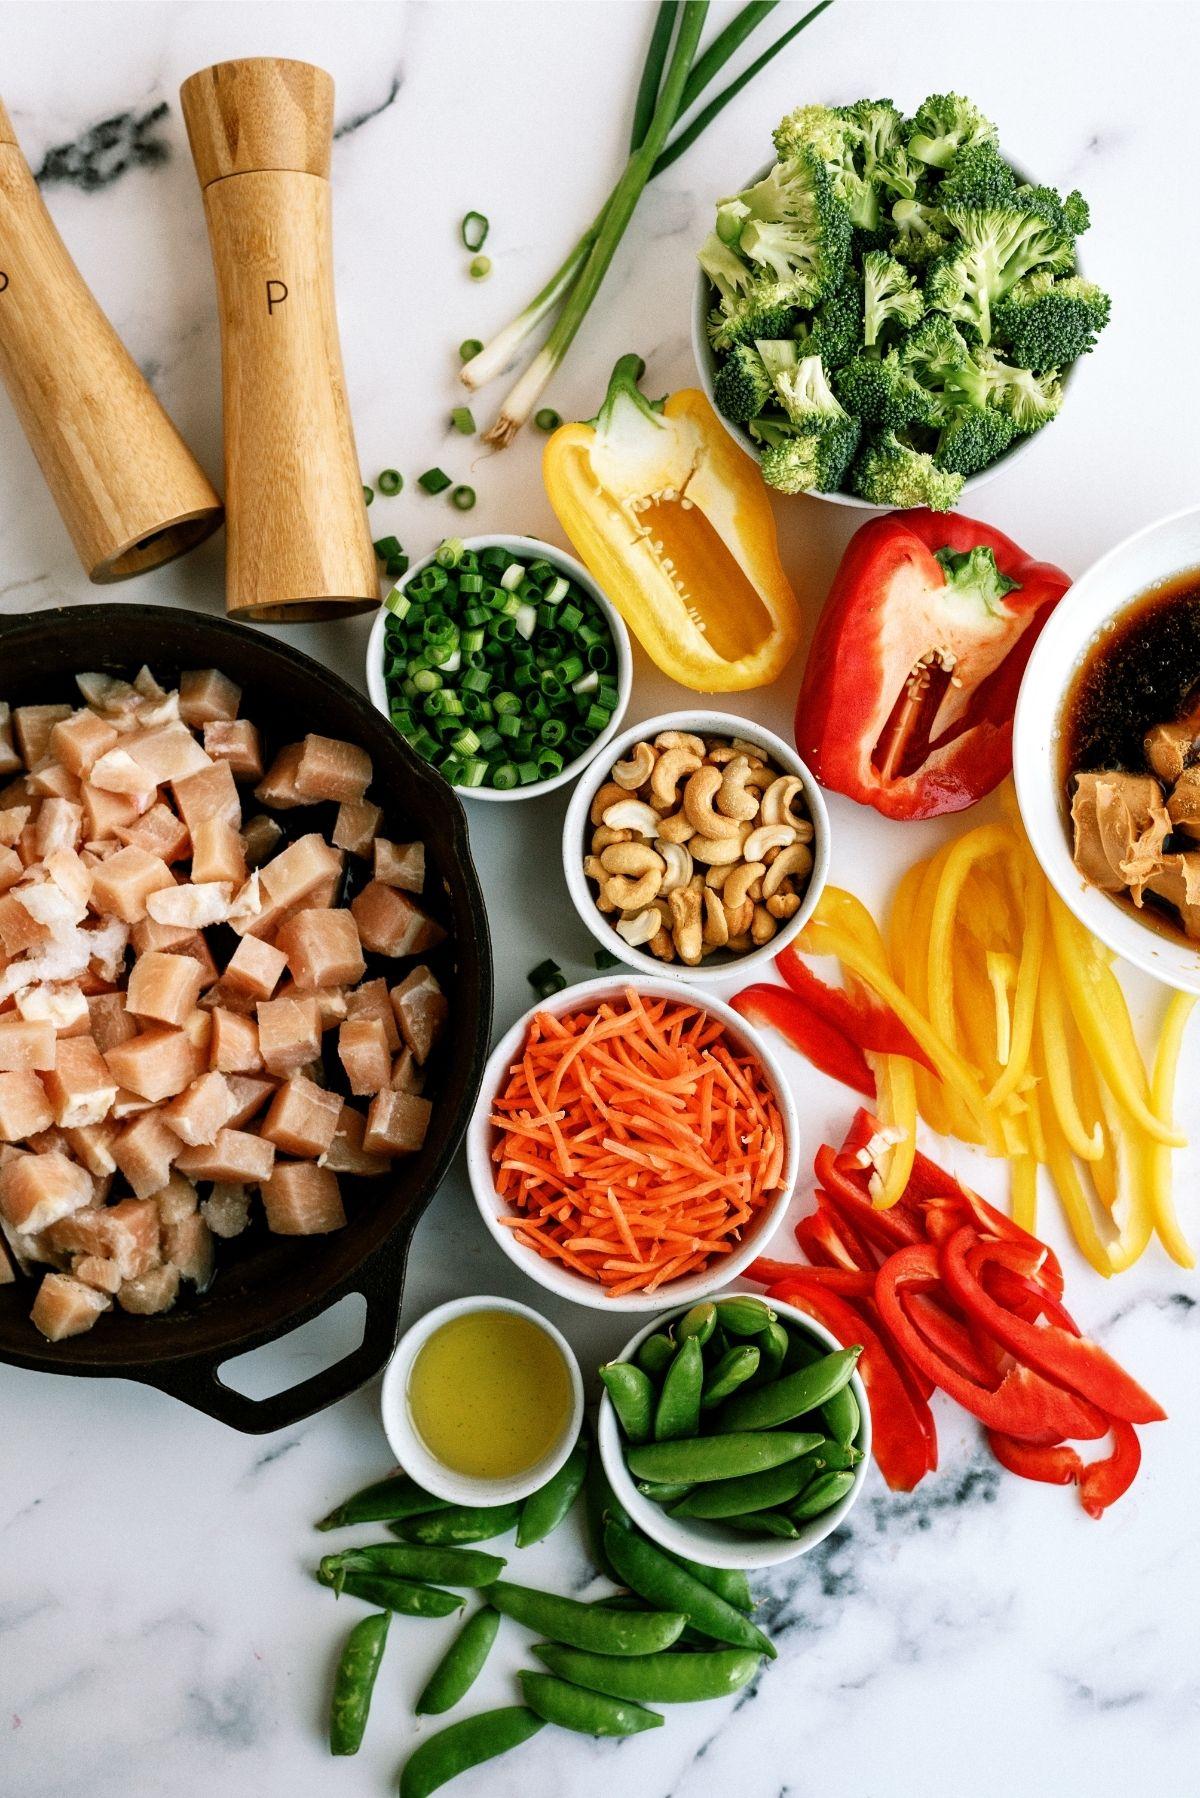 Ingredients for Cashew Chicken Skillet Stir-Fry